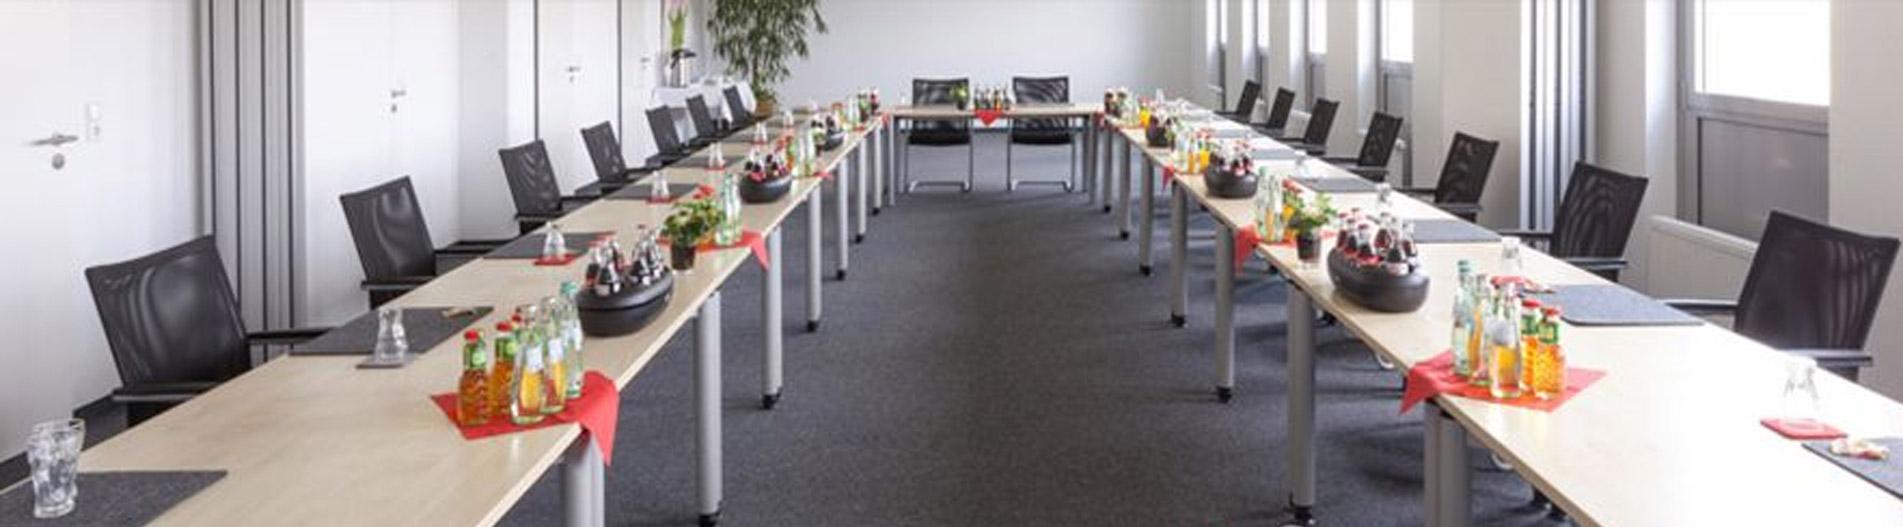 Rent office space in Dusseldorf / Ratingen